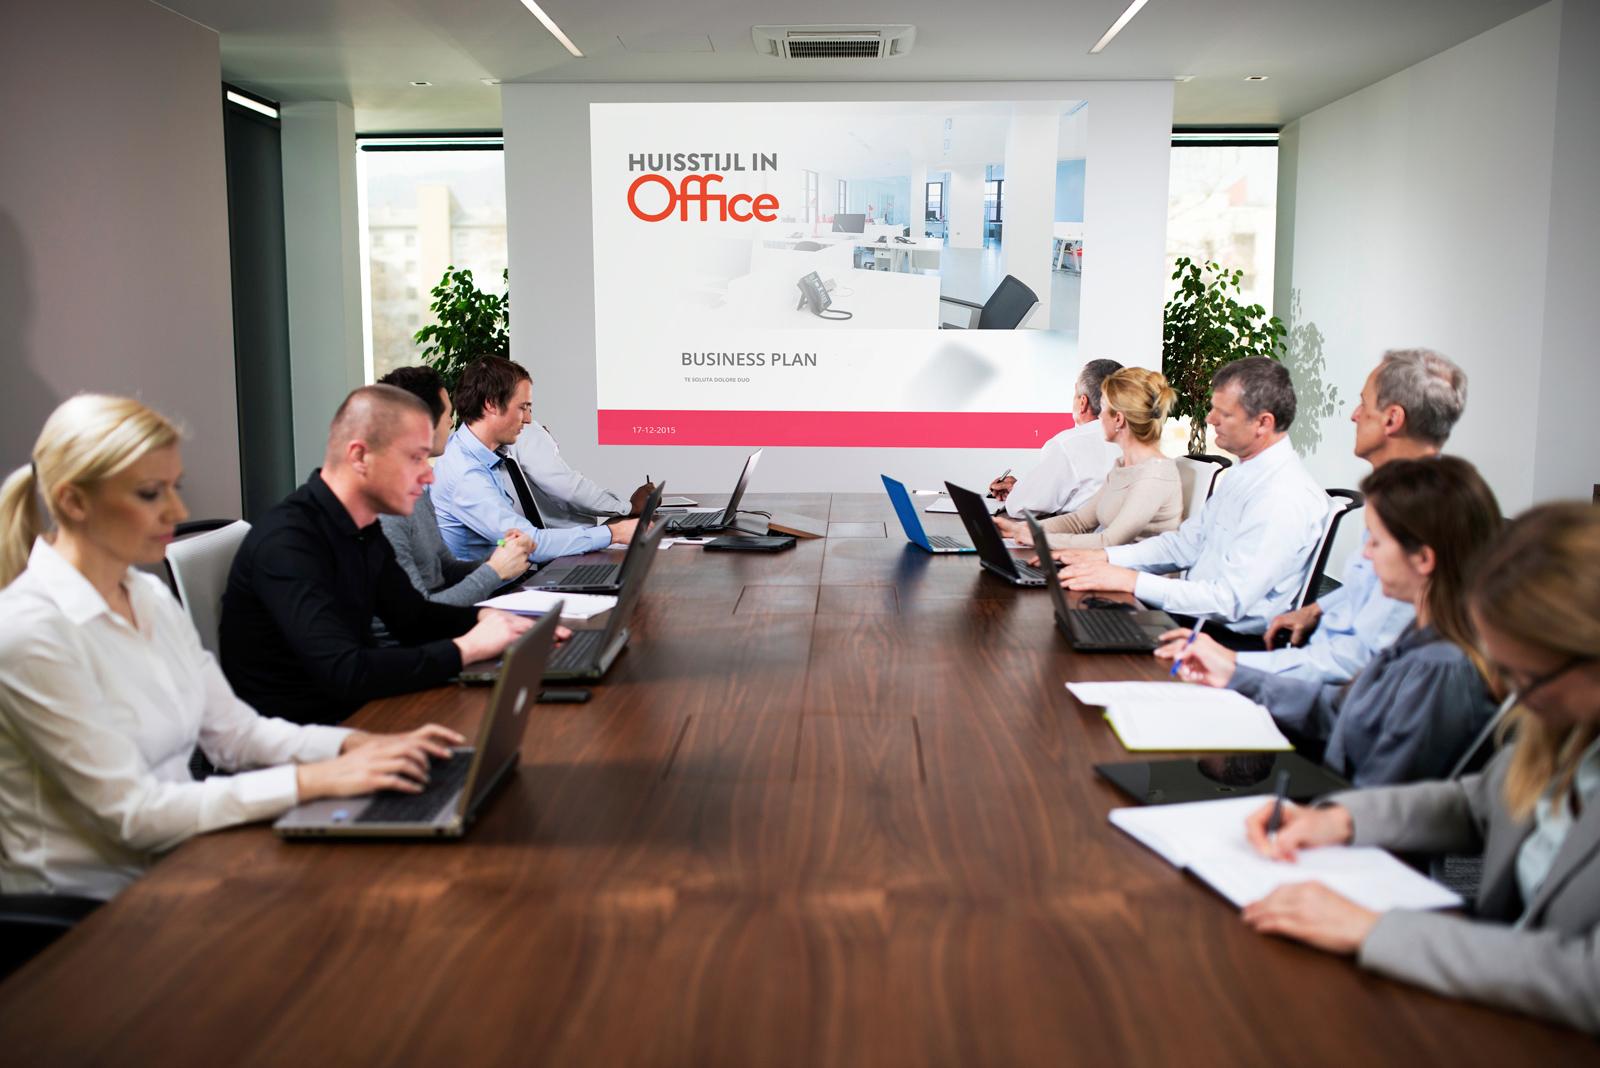 PowerPoint template van Huisstijl in Office